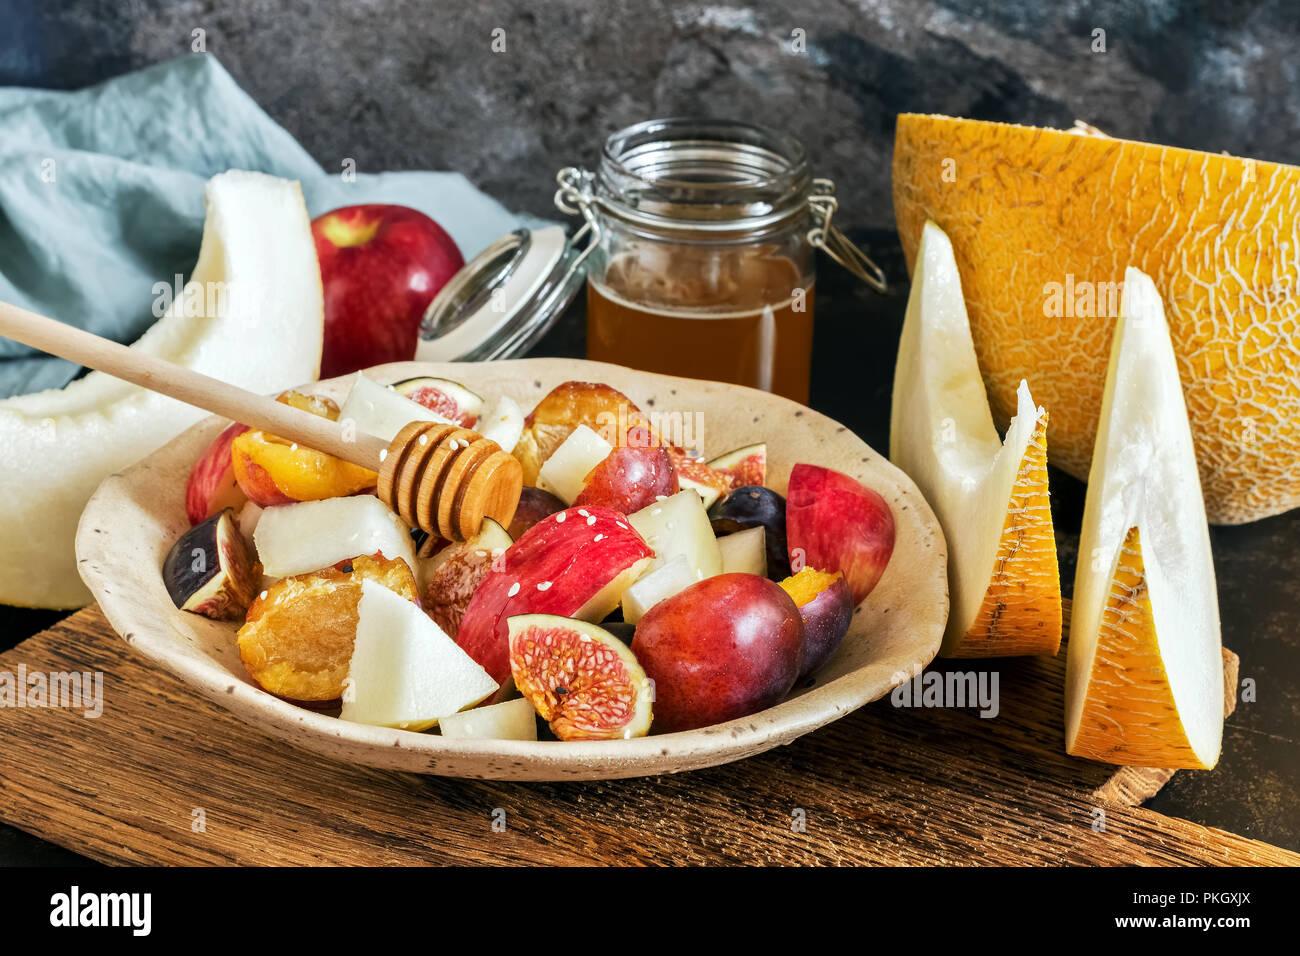 Insalata di frutta fresca melone, fichi, mele, susine e miele. Messa a fuoco selettiva Immagini Stock